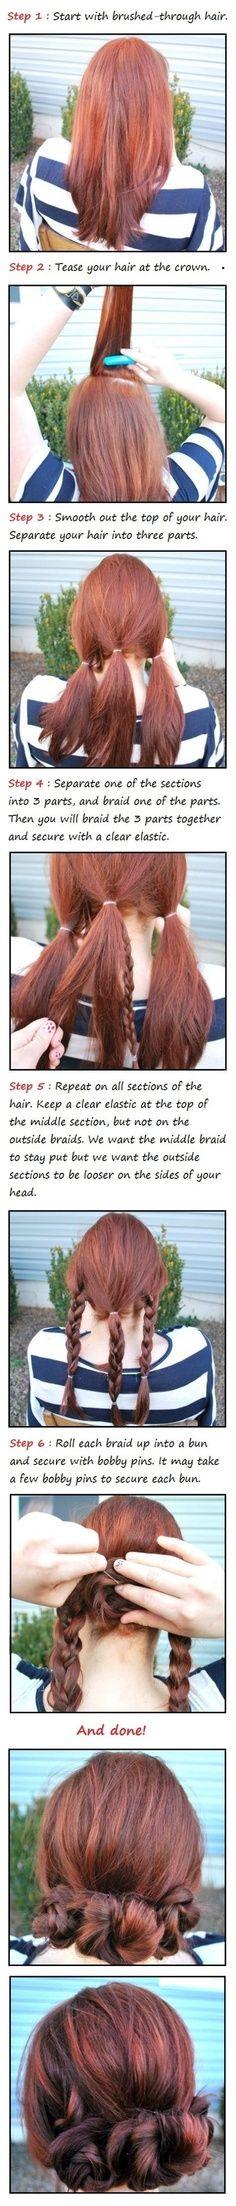 beauty tutorials, hair colors, hair tutorials, long hair, braid bun, wedding hairs, longer hair, hairstyl, three braid